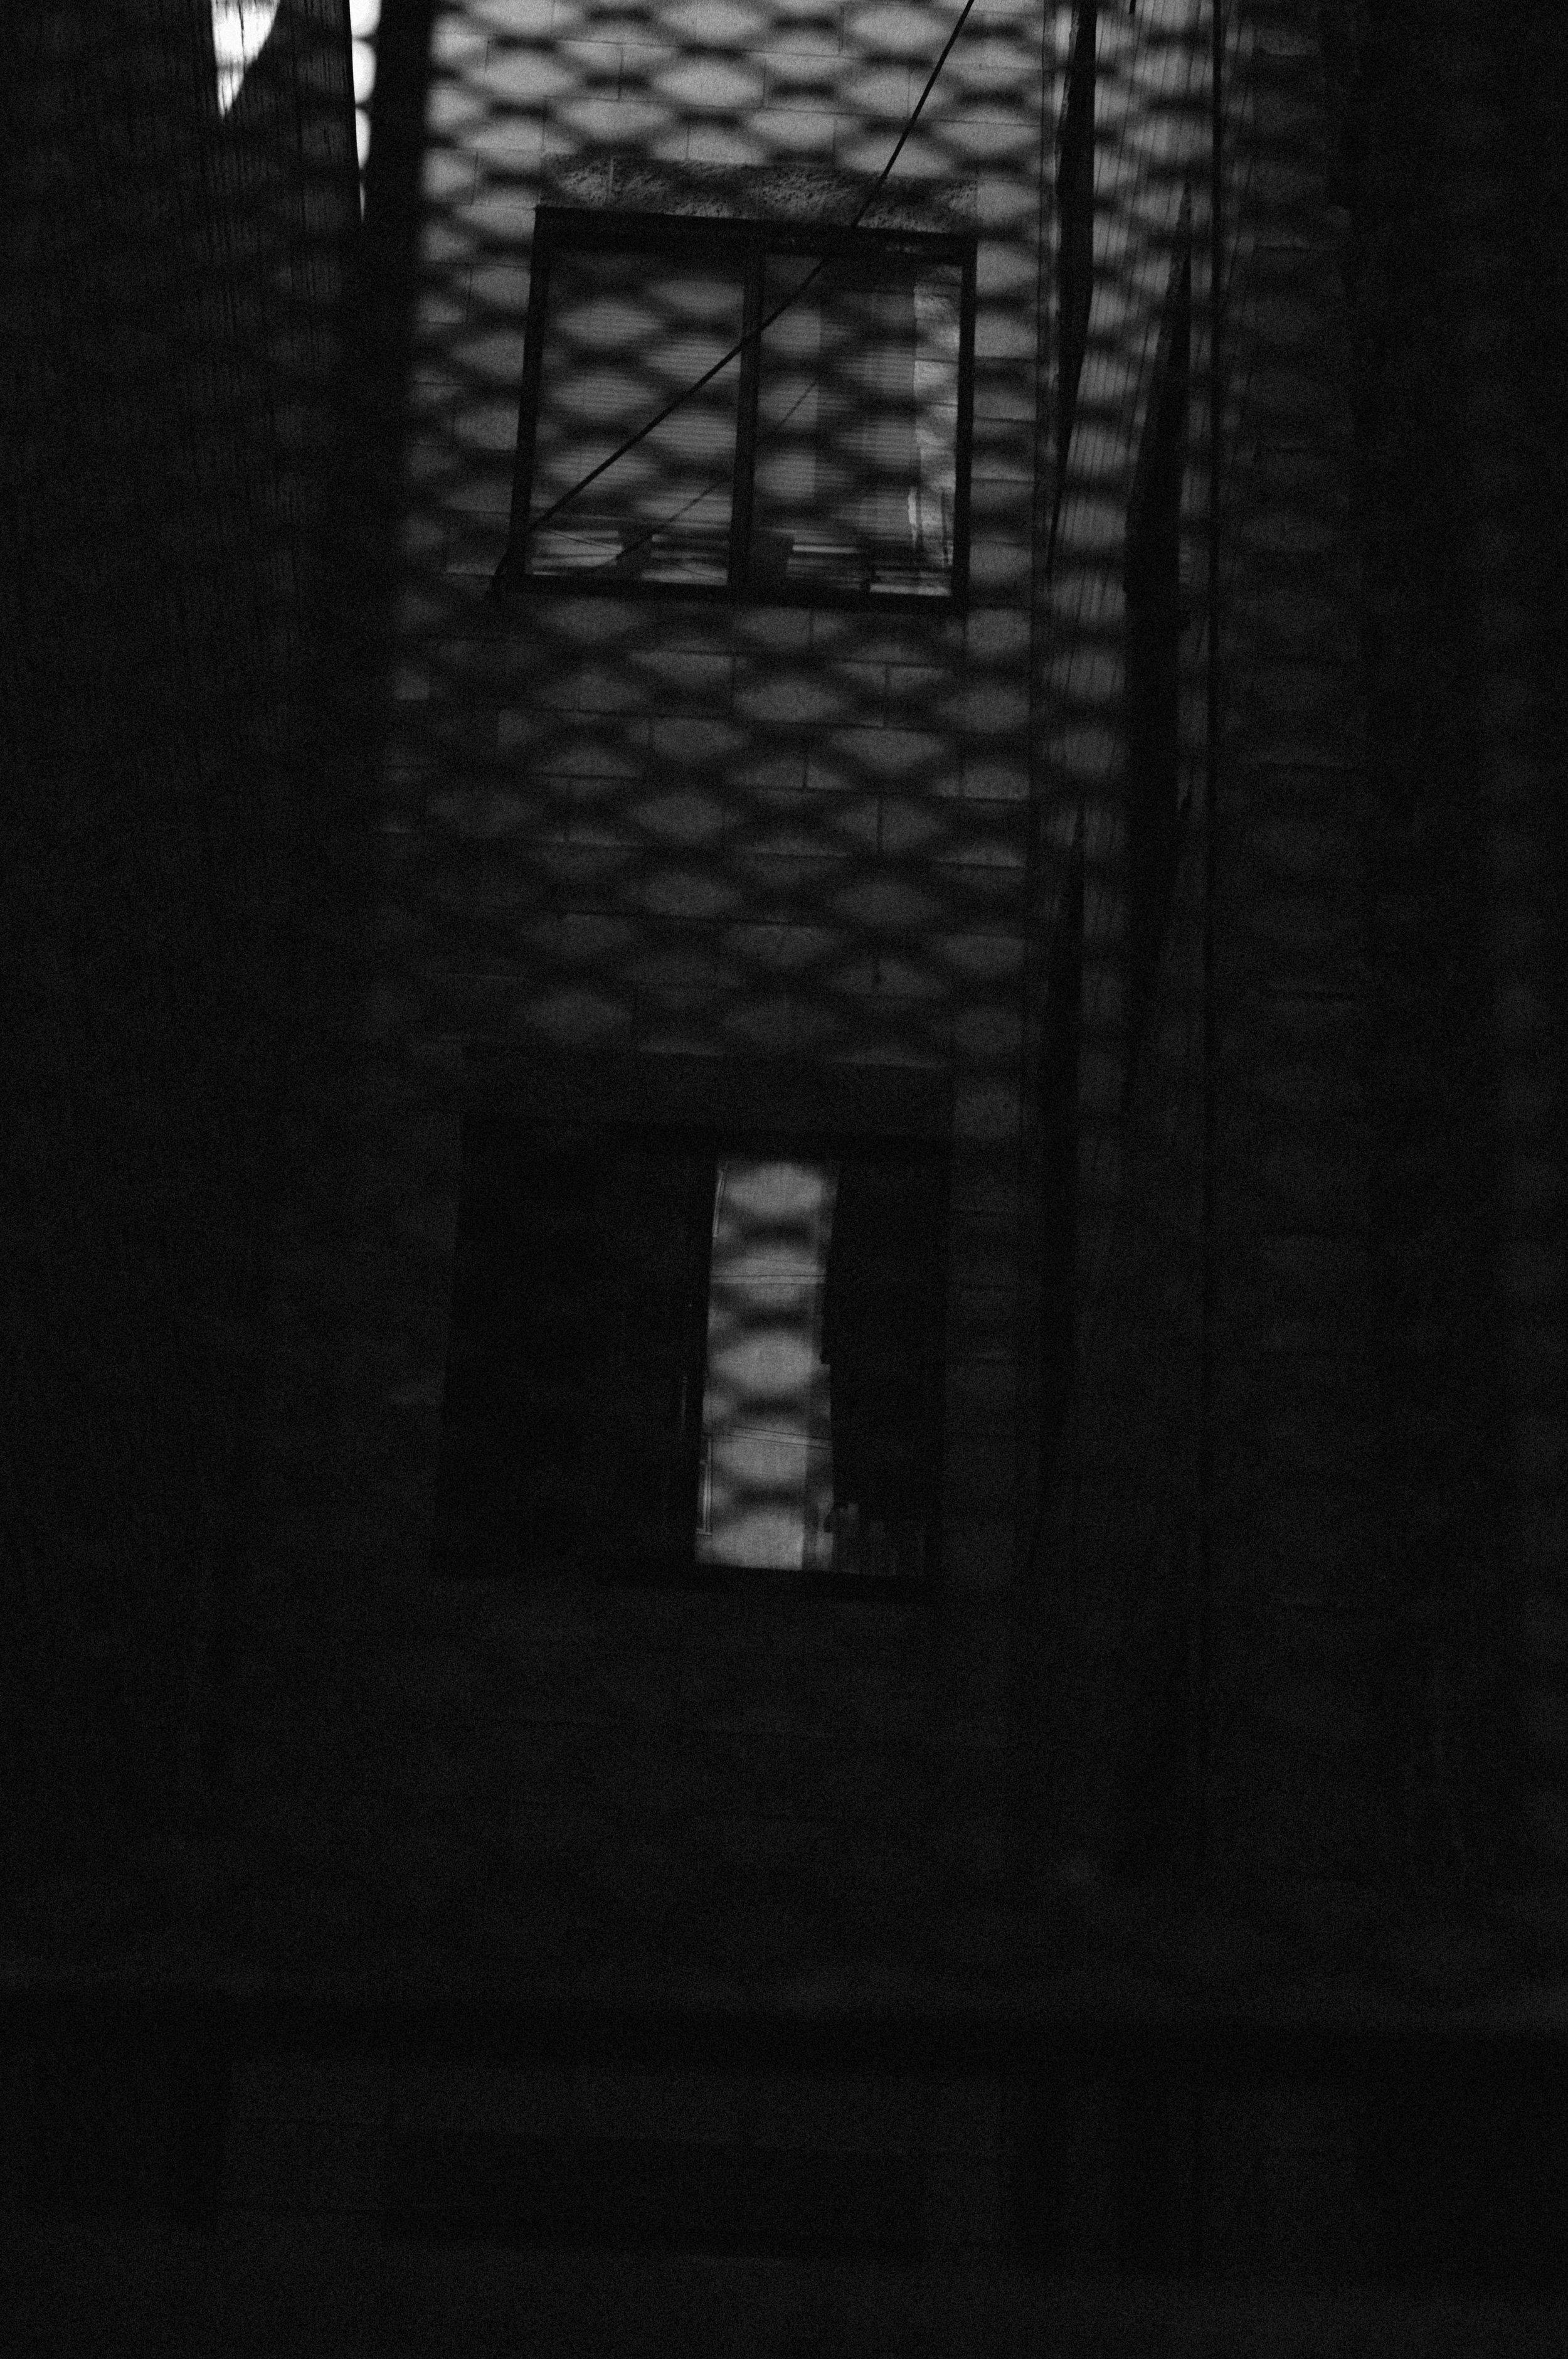 bw alley 2.JPG